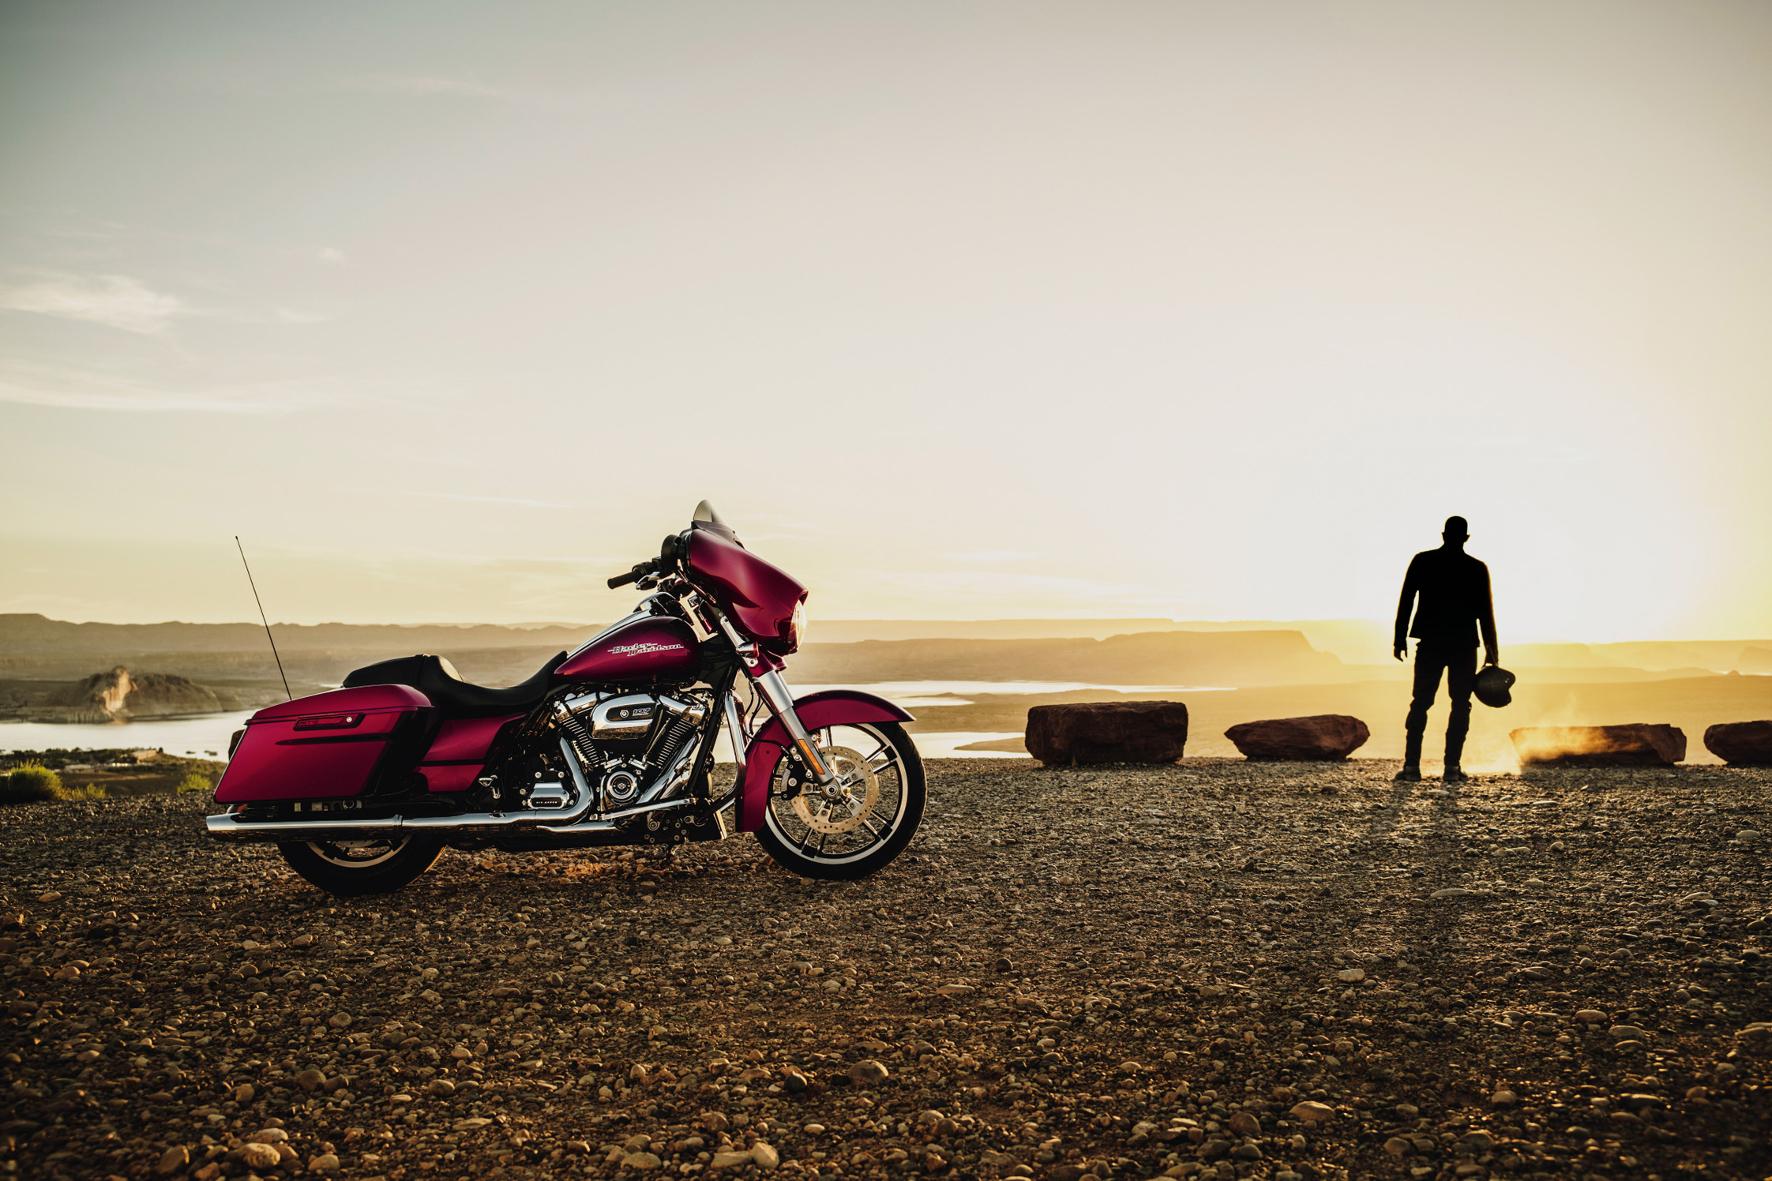 mid Groß-Gerau - Da werden Biker-Träume wahr: Harley-Davidson spendiert jetzt eine Reise nach Südafrika. Wer Lust hat, muss nur eine Probefahrt auf dem Kult-Motorrad machen. Es gibt sicher schlechtere Angebote.